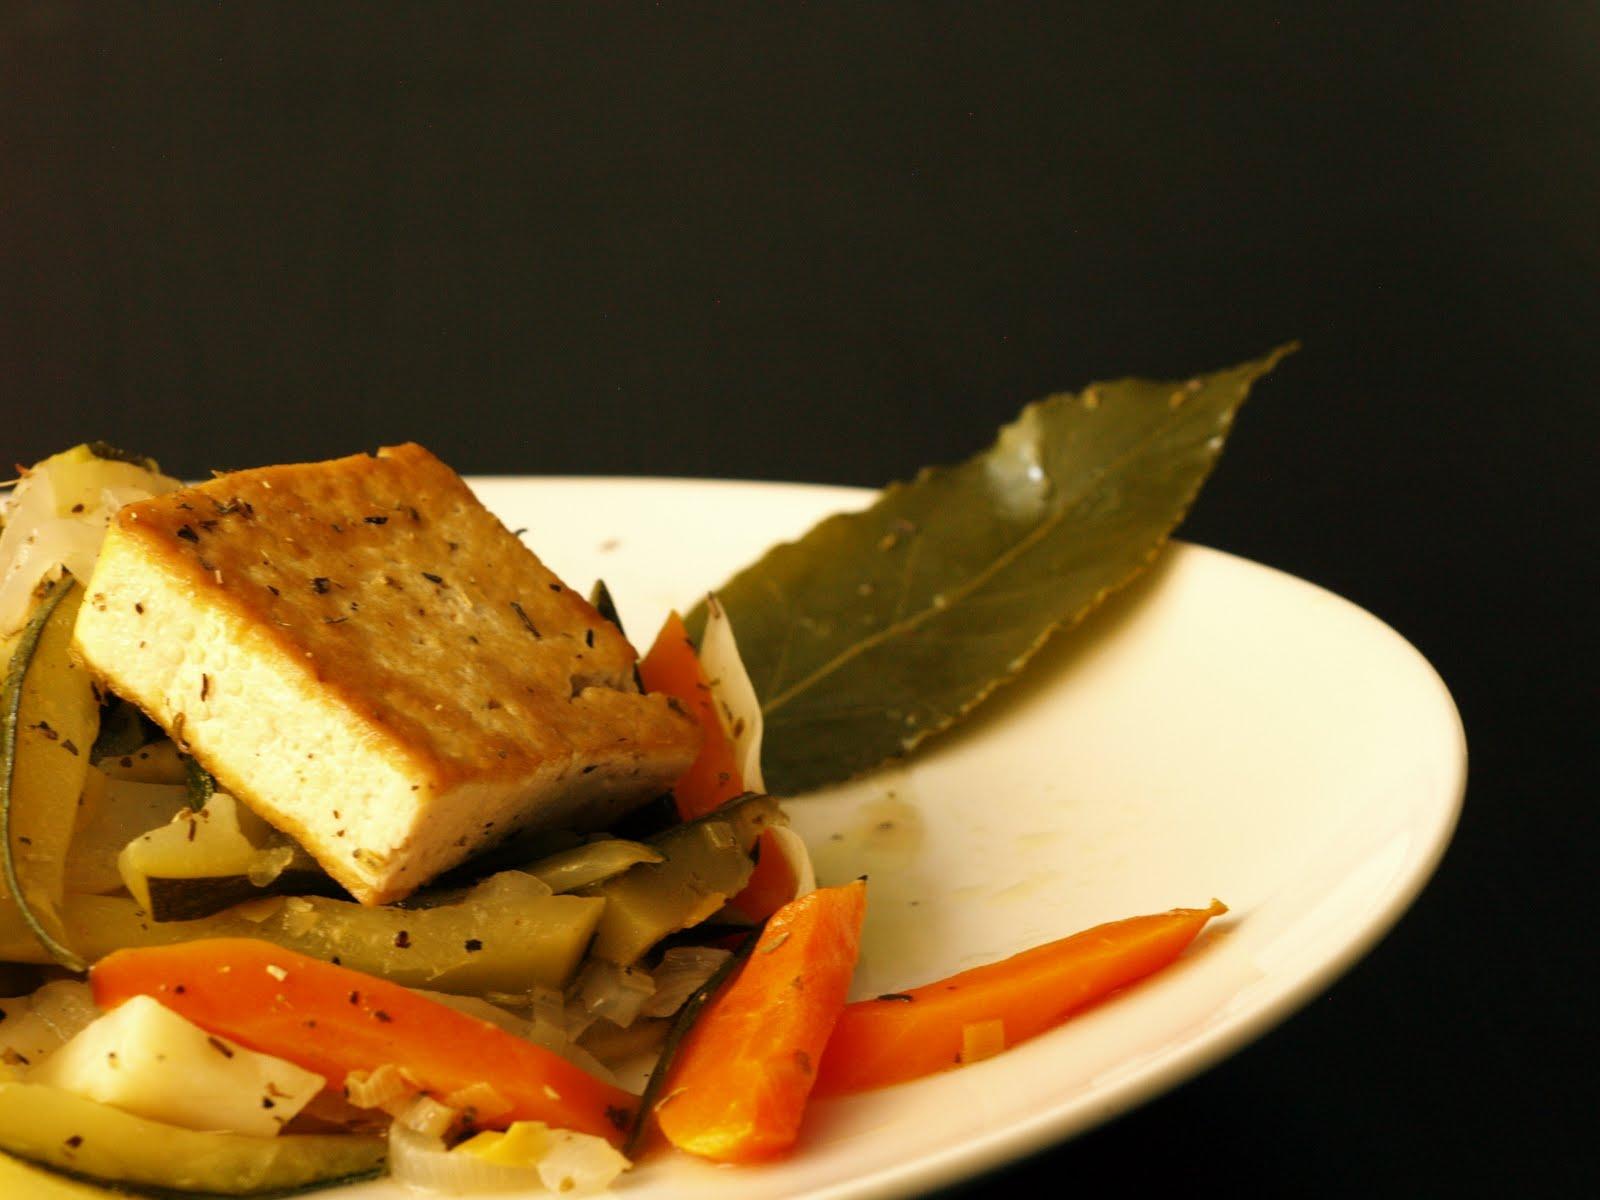 04 de marzo curso de cocina vegetariana - Curso de cocina vegetariana ...